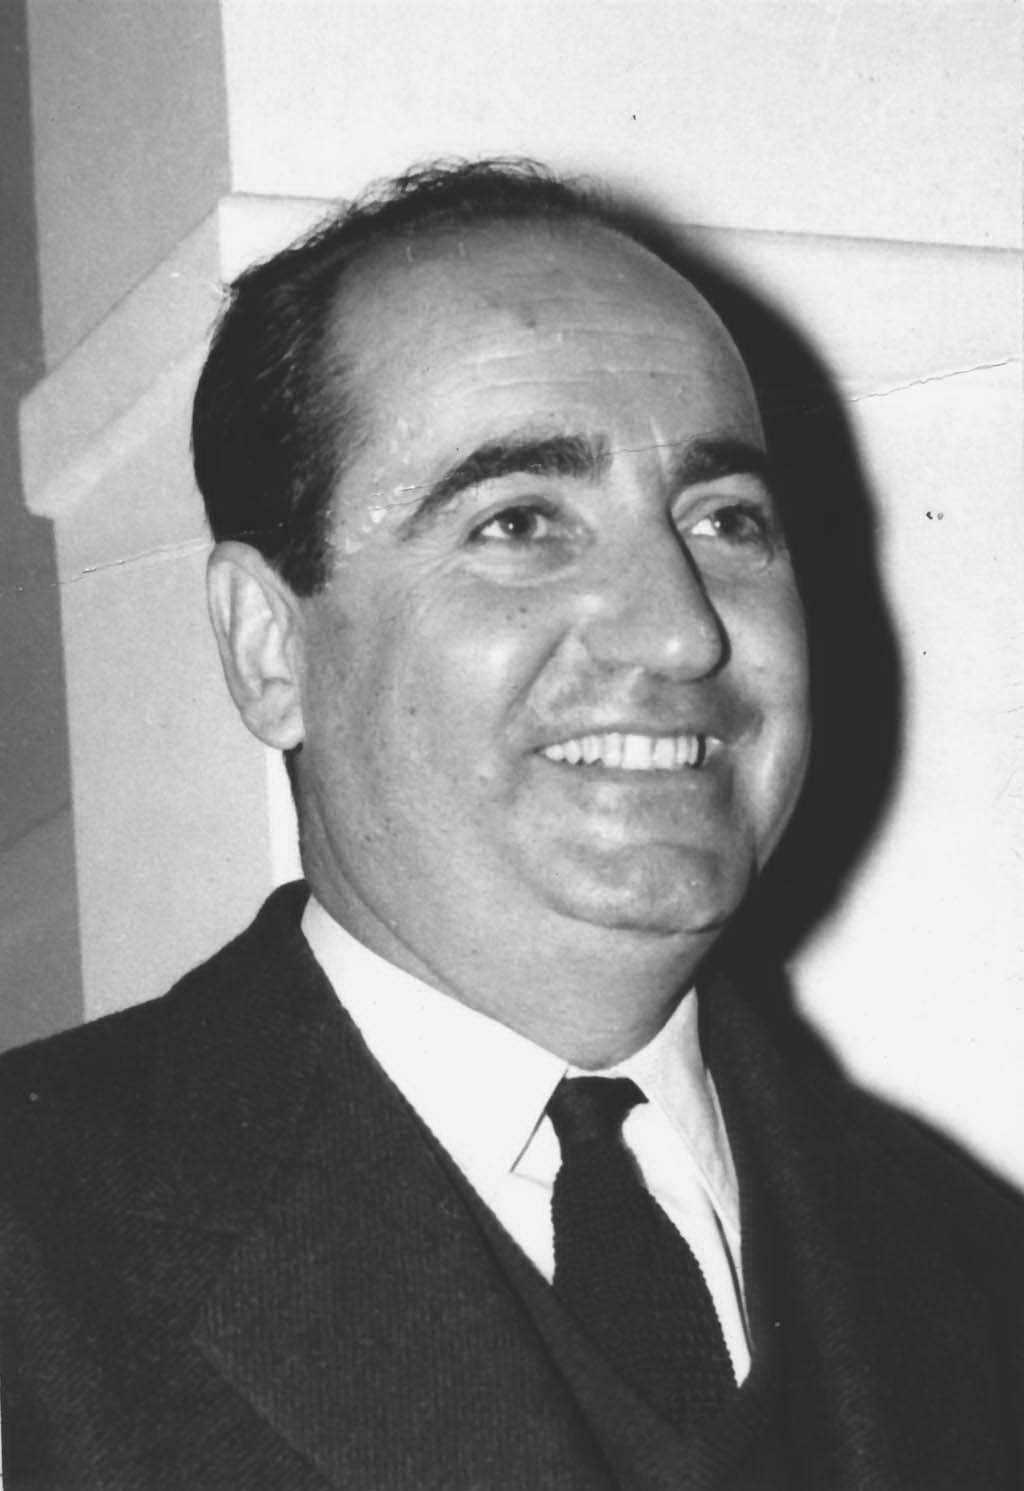 Ο Κωνσταντίνος Μητσοτάκης τη δεκαετία του 1960.